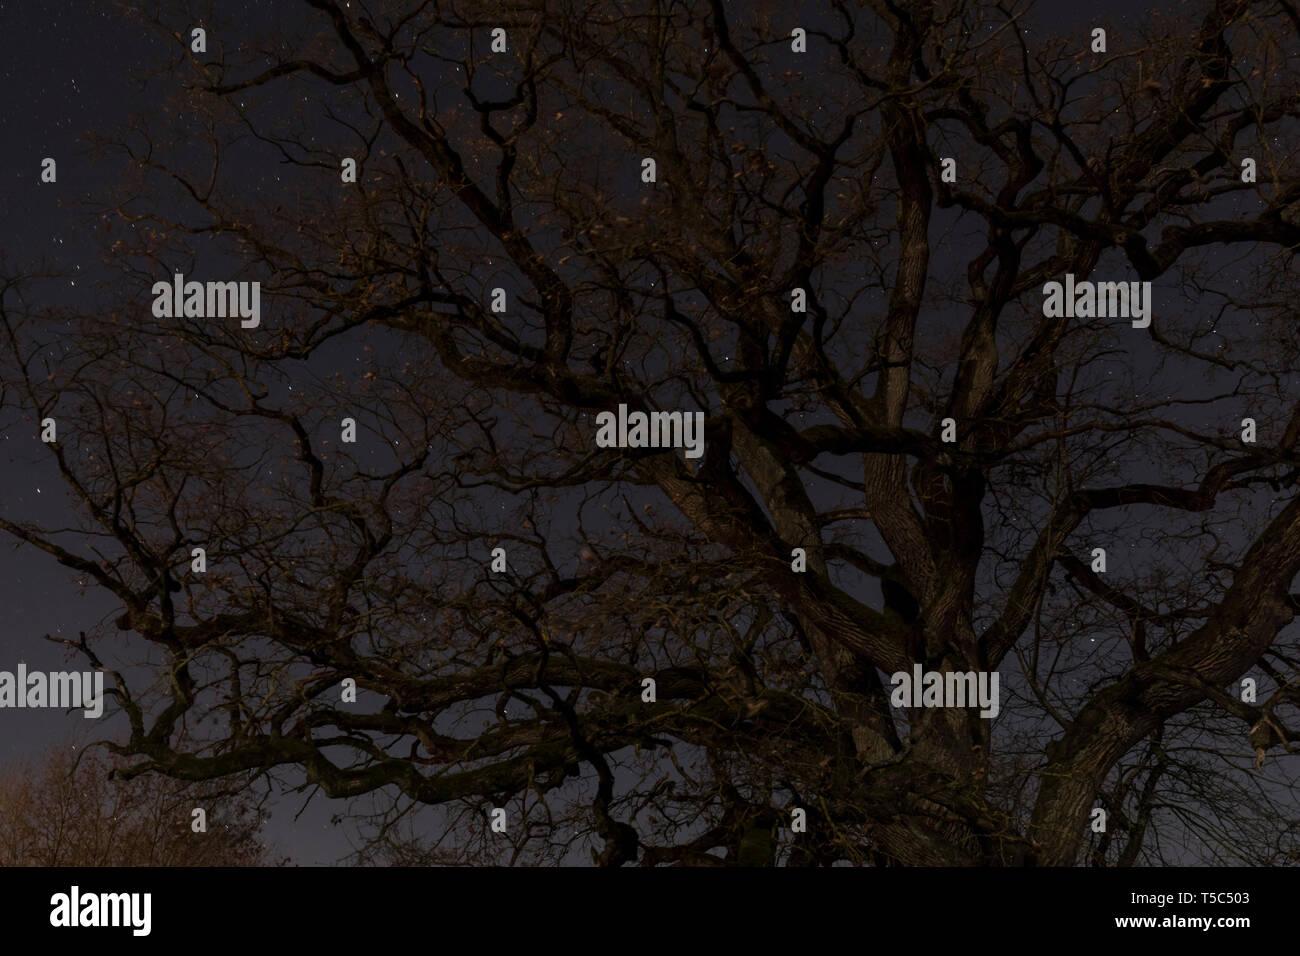 Alte Eiche bei Nacht - Stock Image